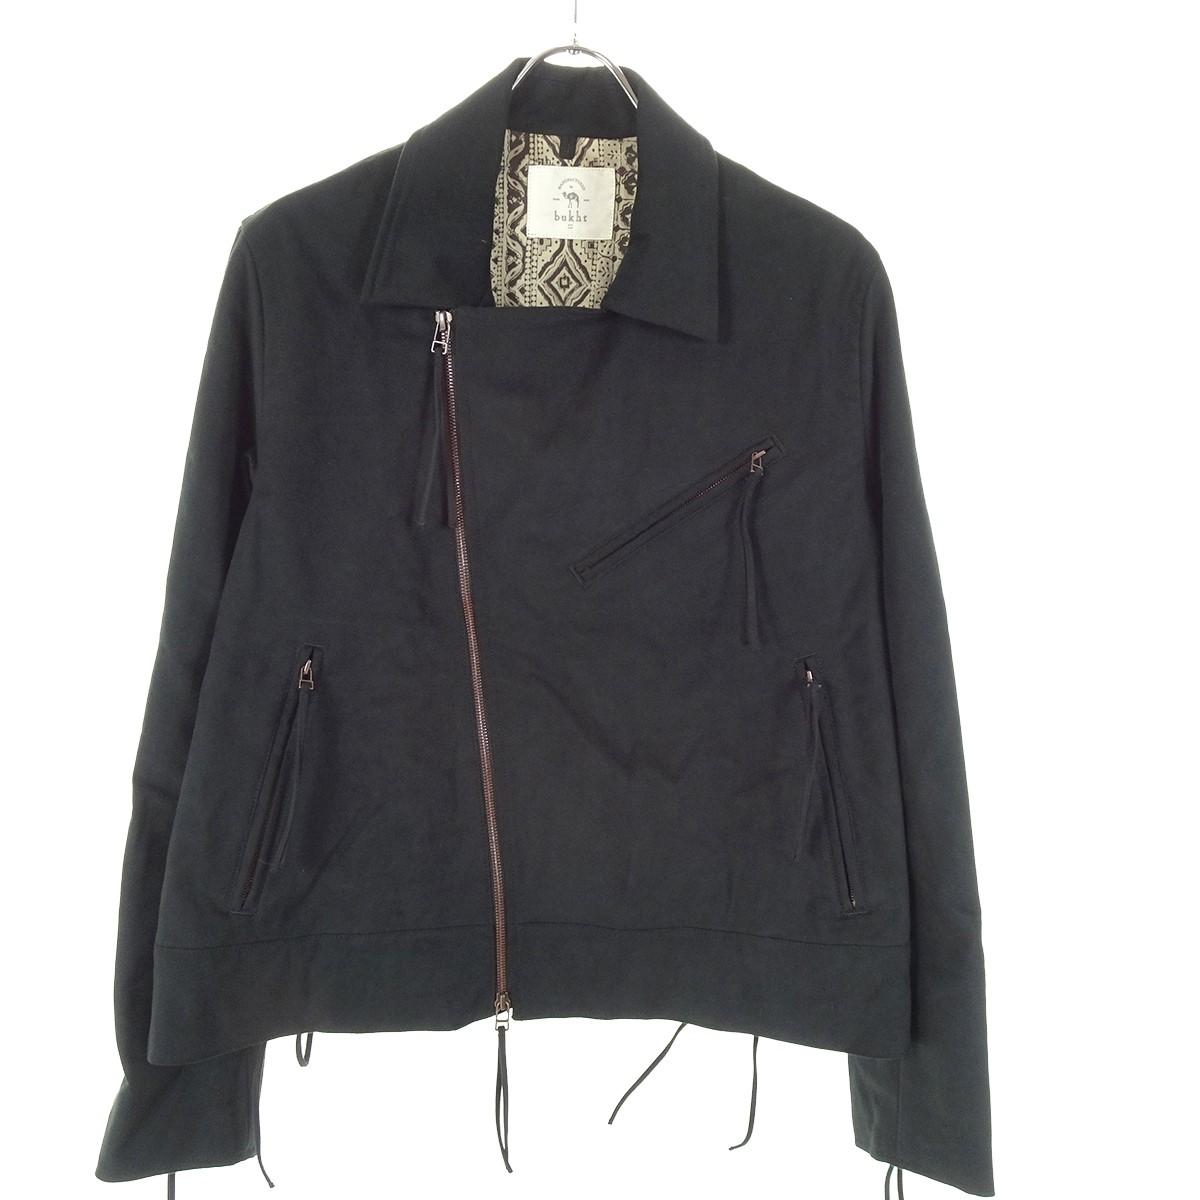 【中古】bukht 「lamous motor cycle jacket」 フリンジスウェード調ジャケット ブラック サイズ:- 【151219】(ブフト)